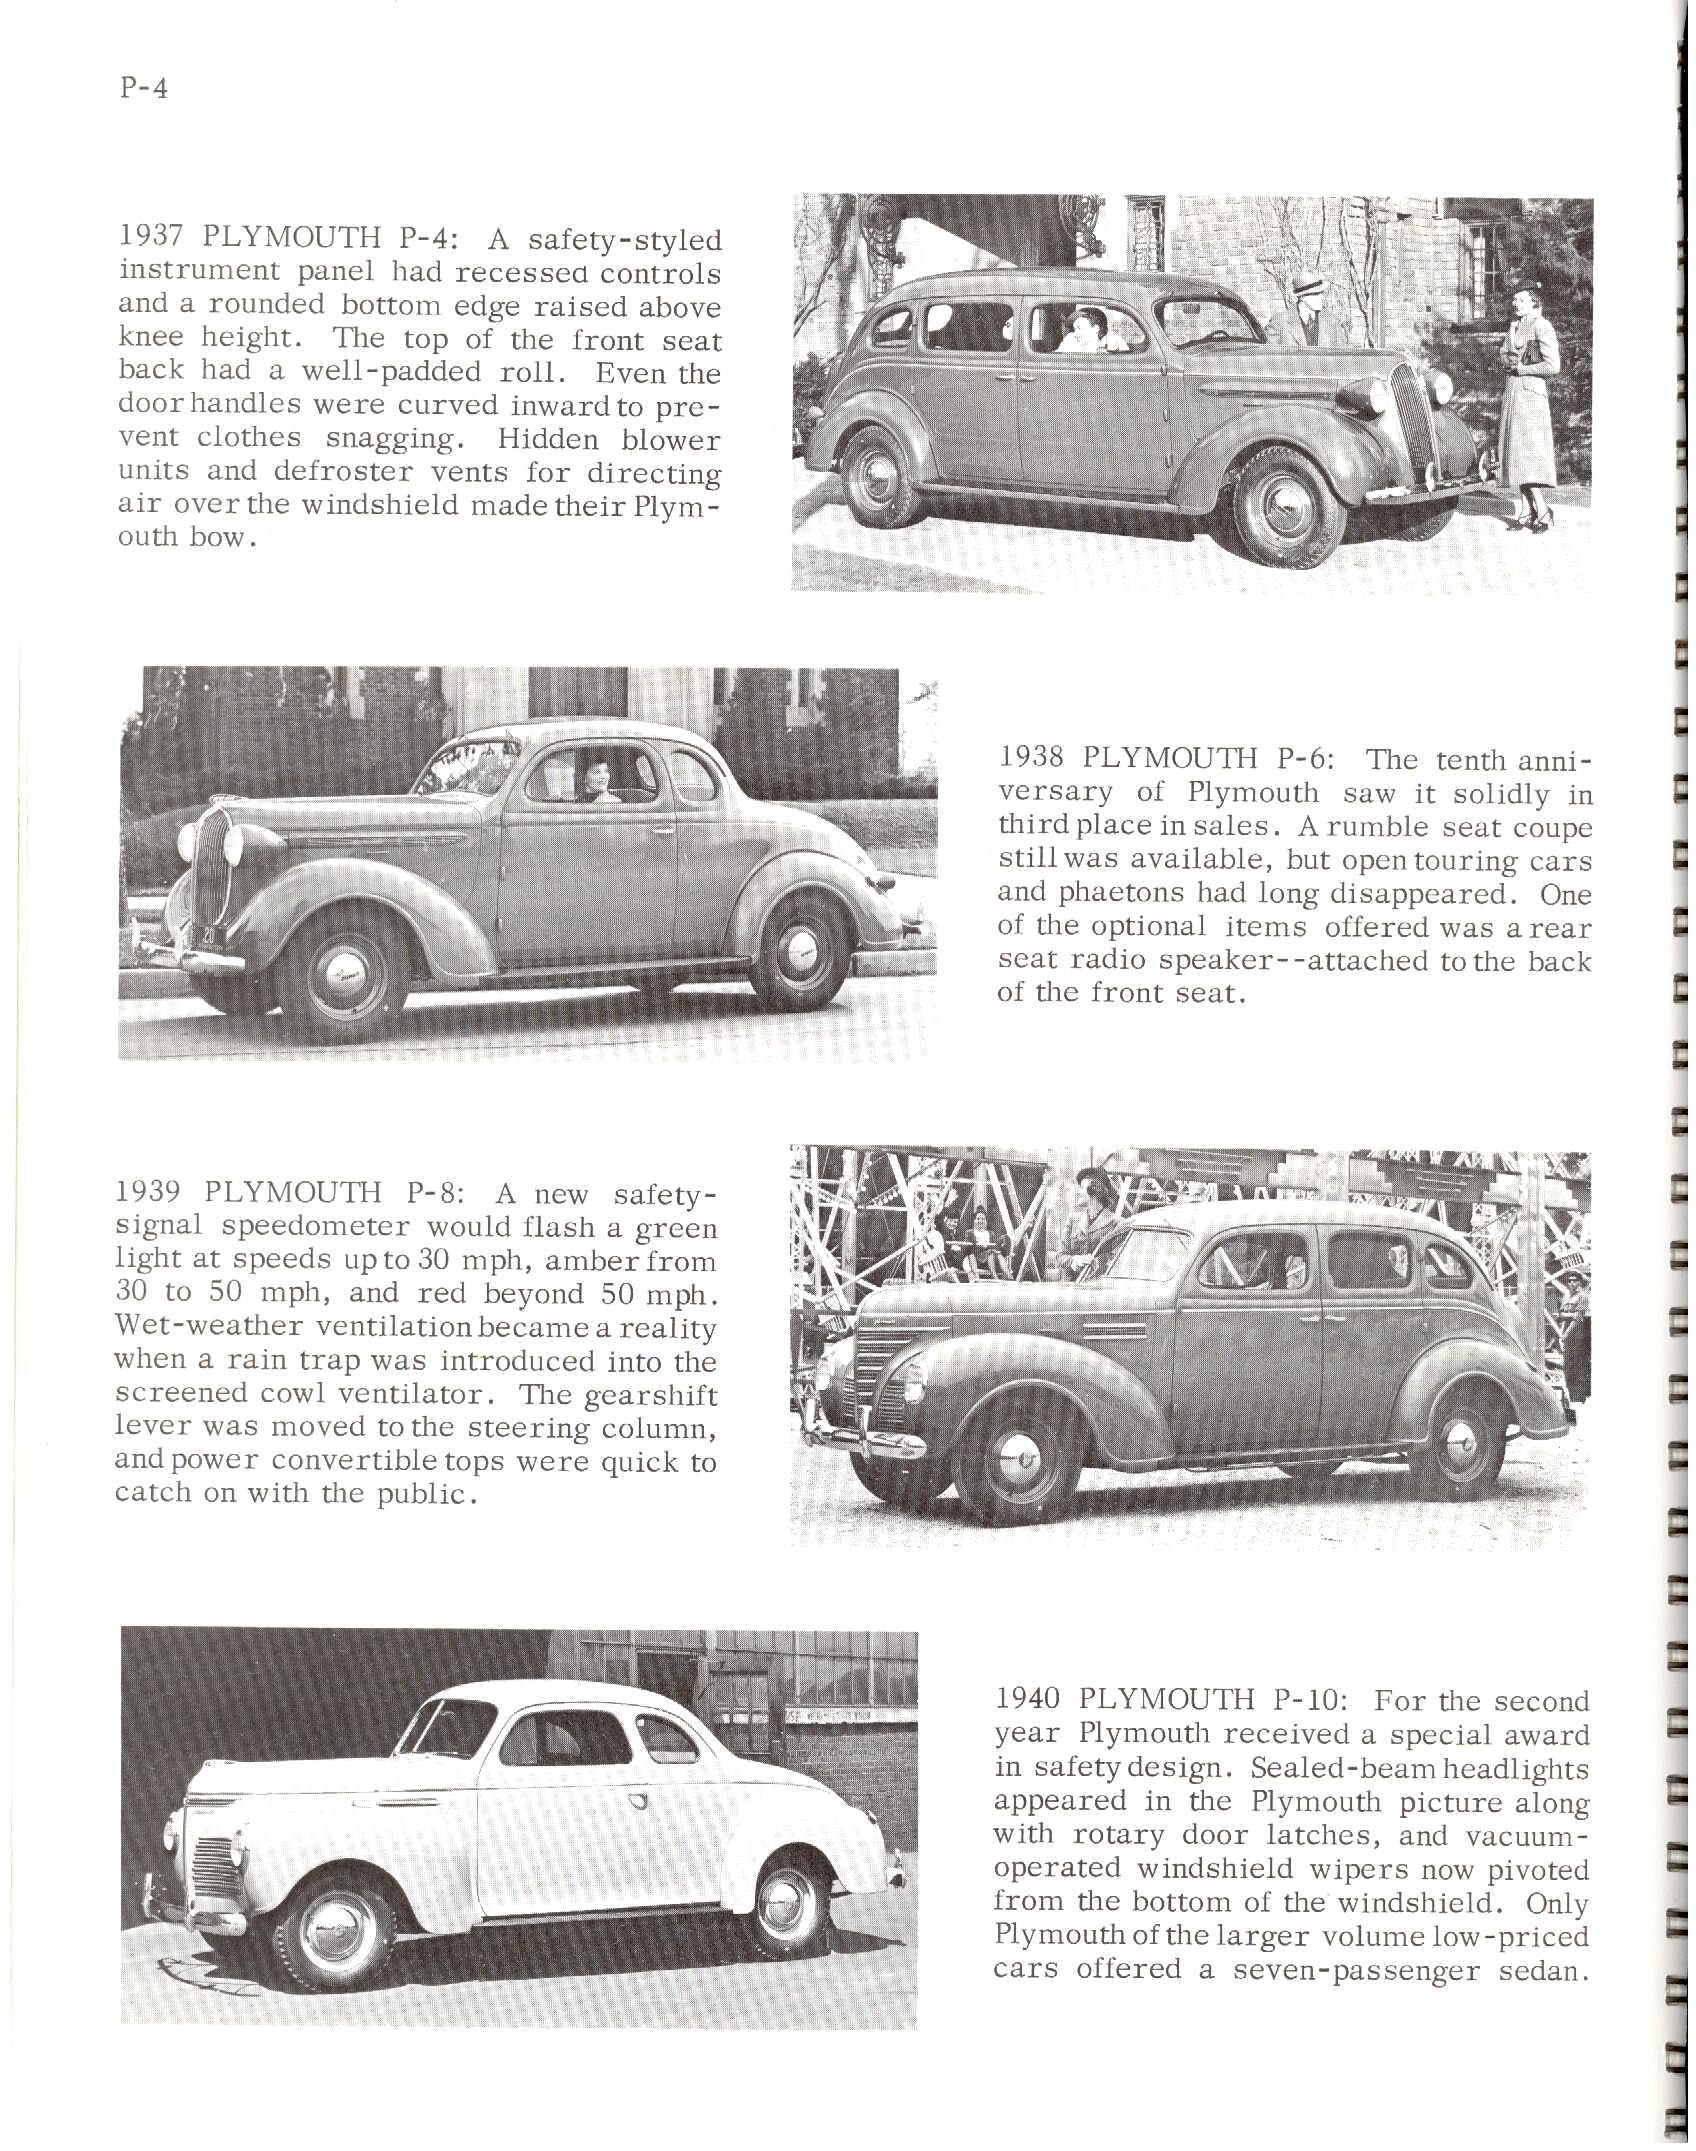 Image 1966 History of Chrysler Cars 1966 History Chrysler Cars P04